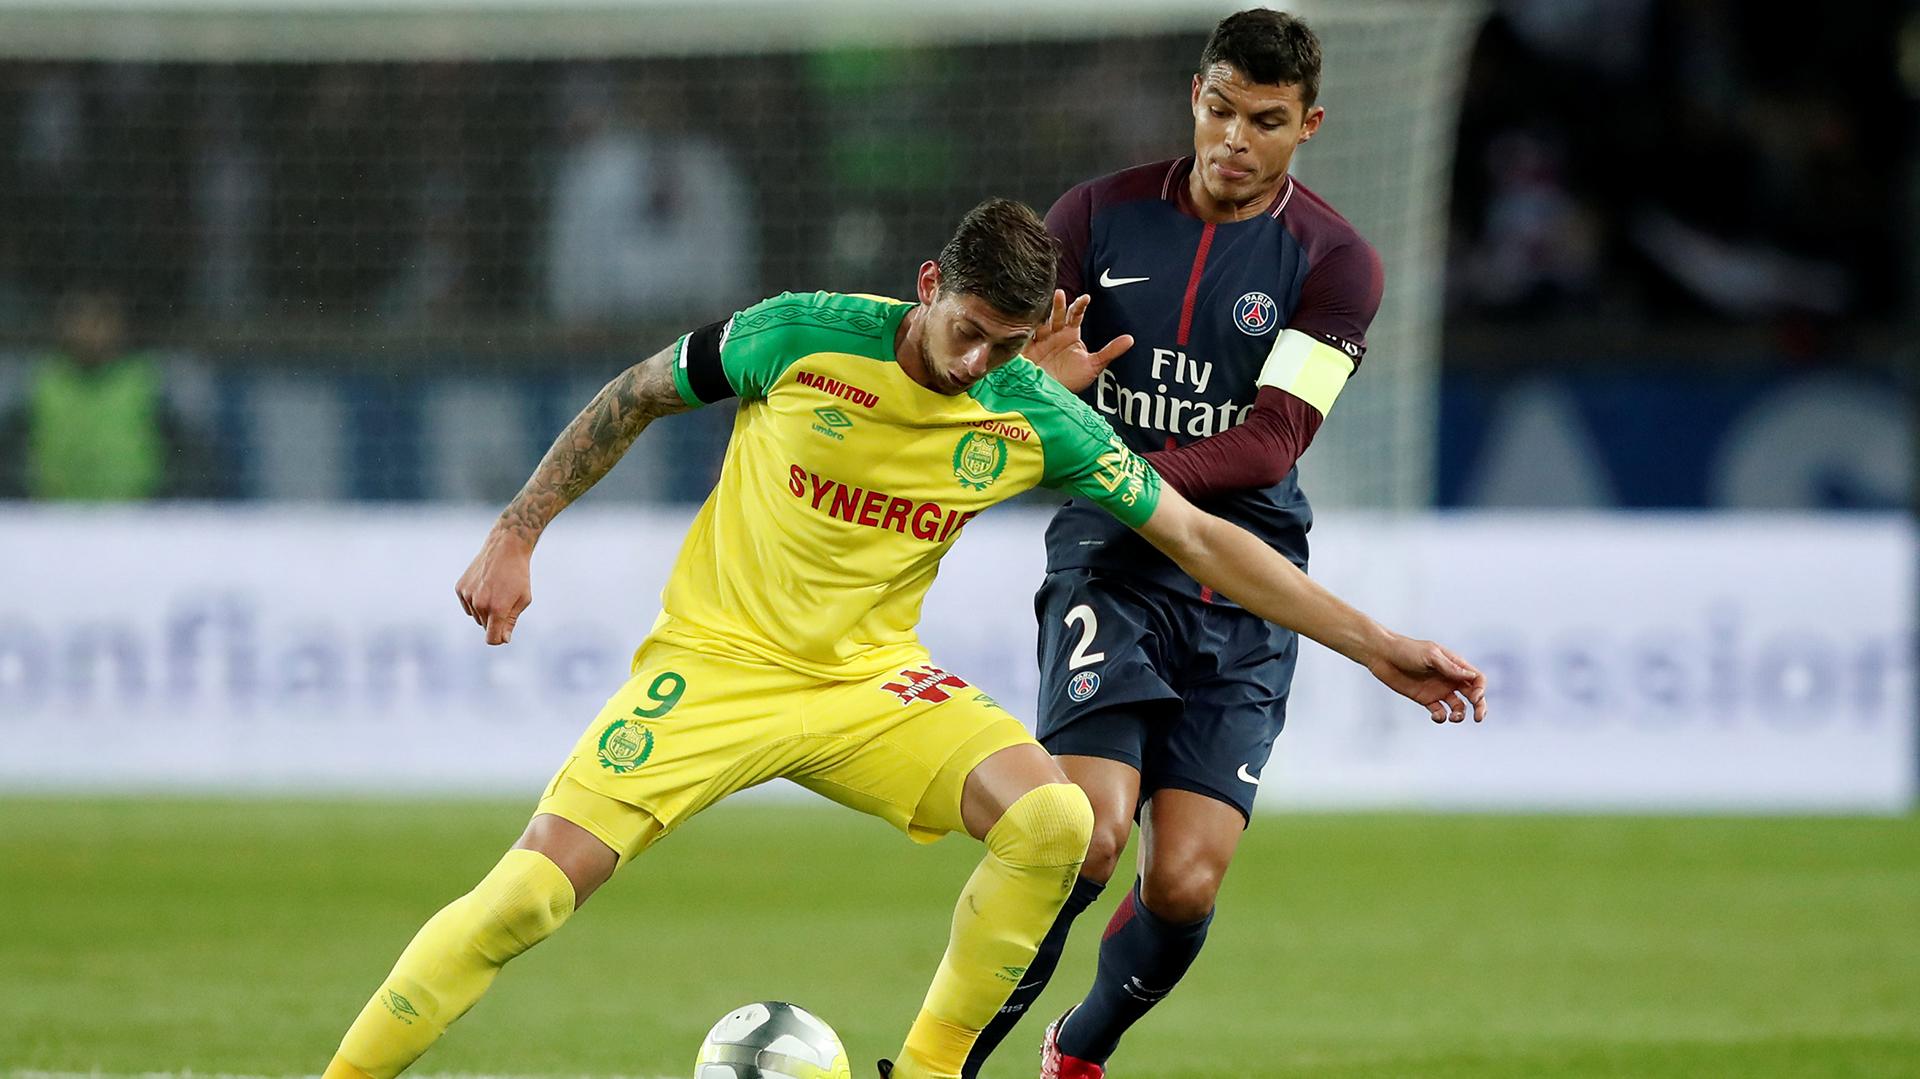 En 2016 firmó para el Nantes, donde jugó por cuatro temporadas